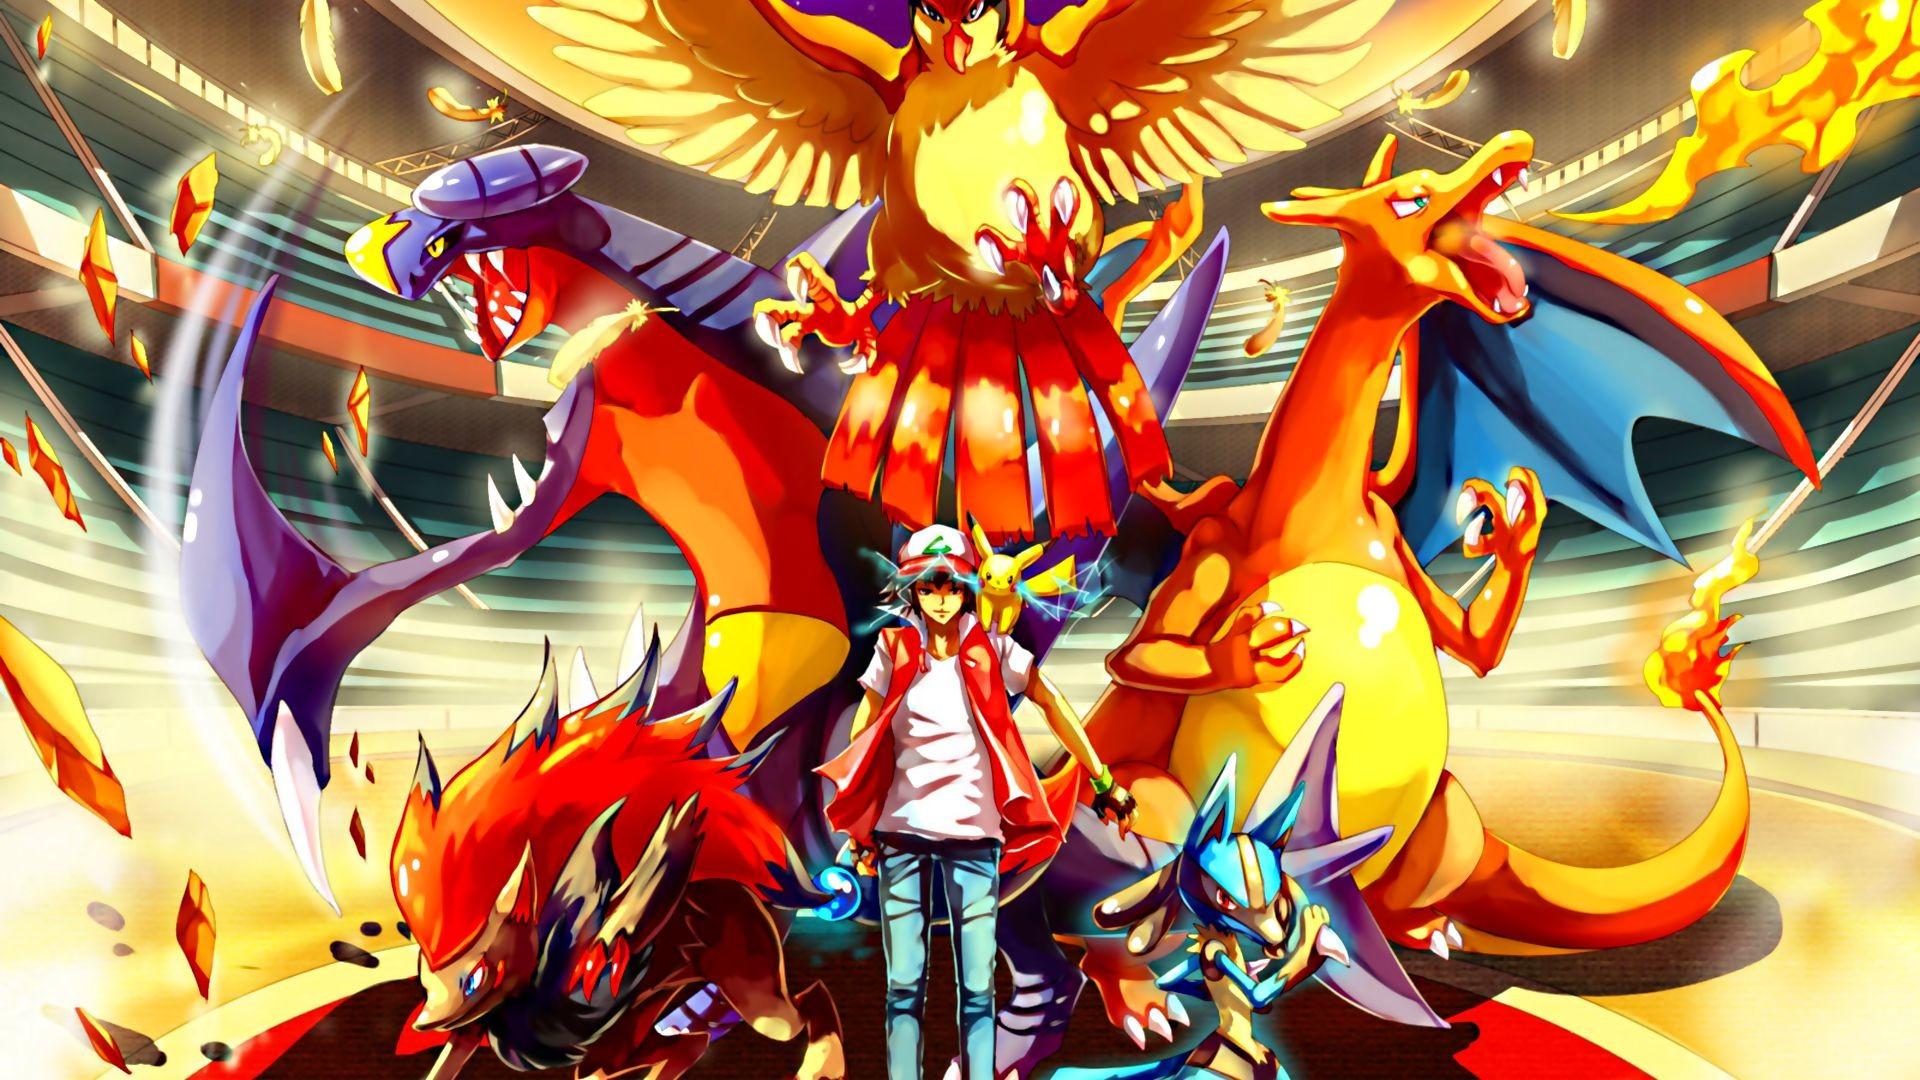 Pokemon Hd Wallpaper Download